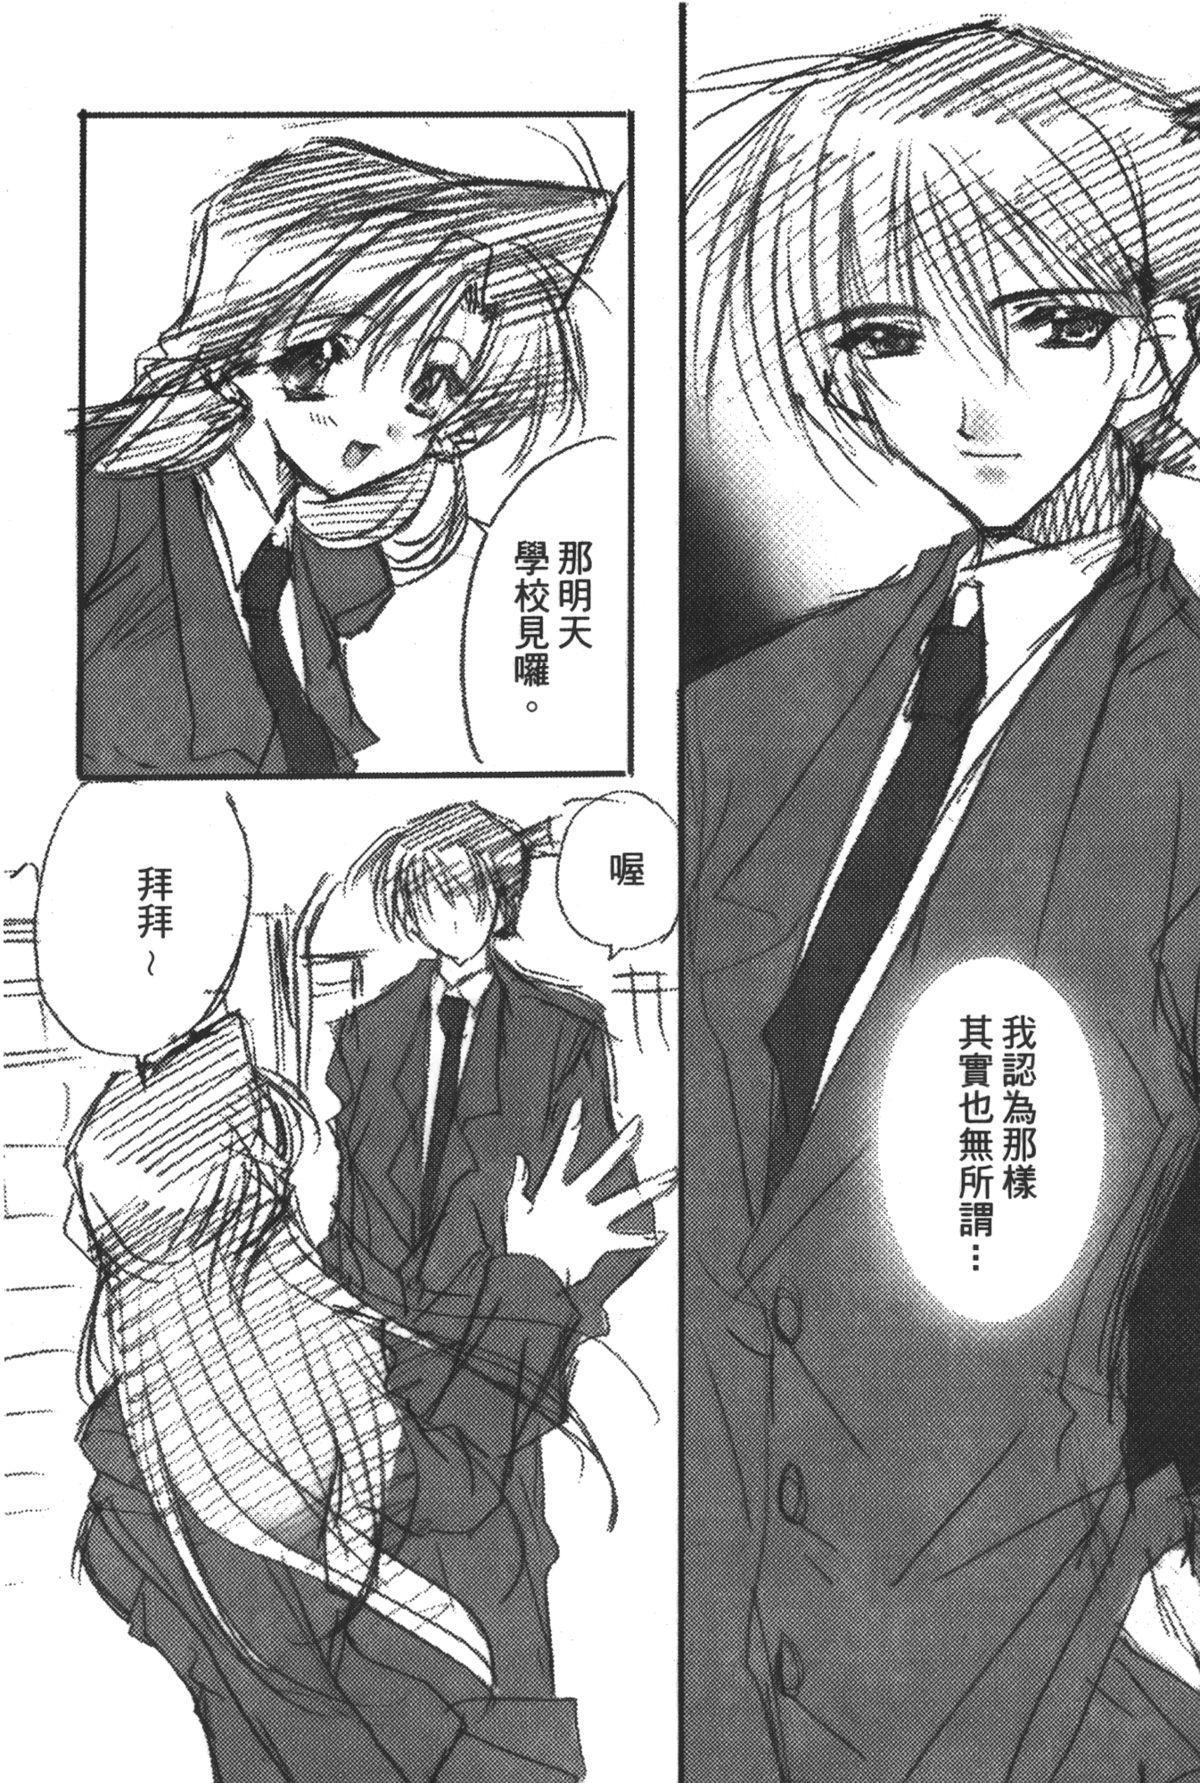 Detective Assistant Vol. 14 148